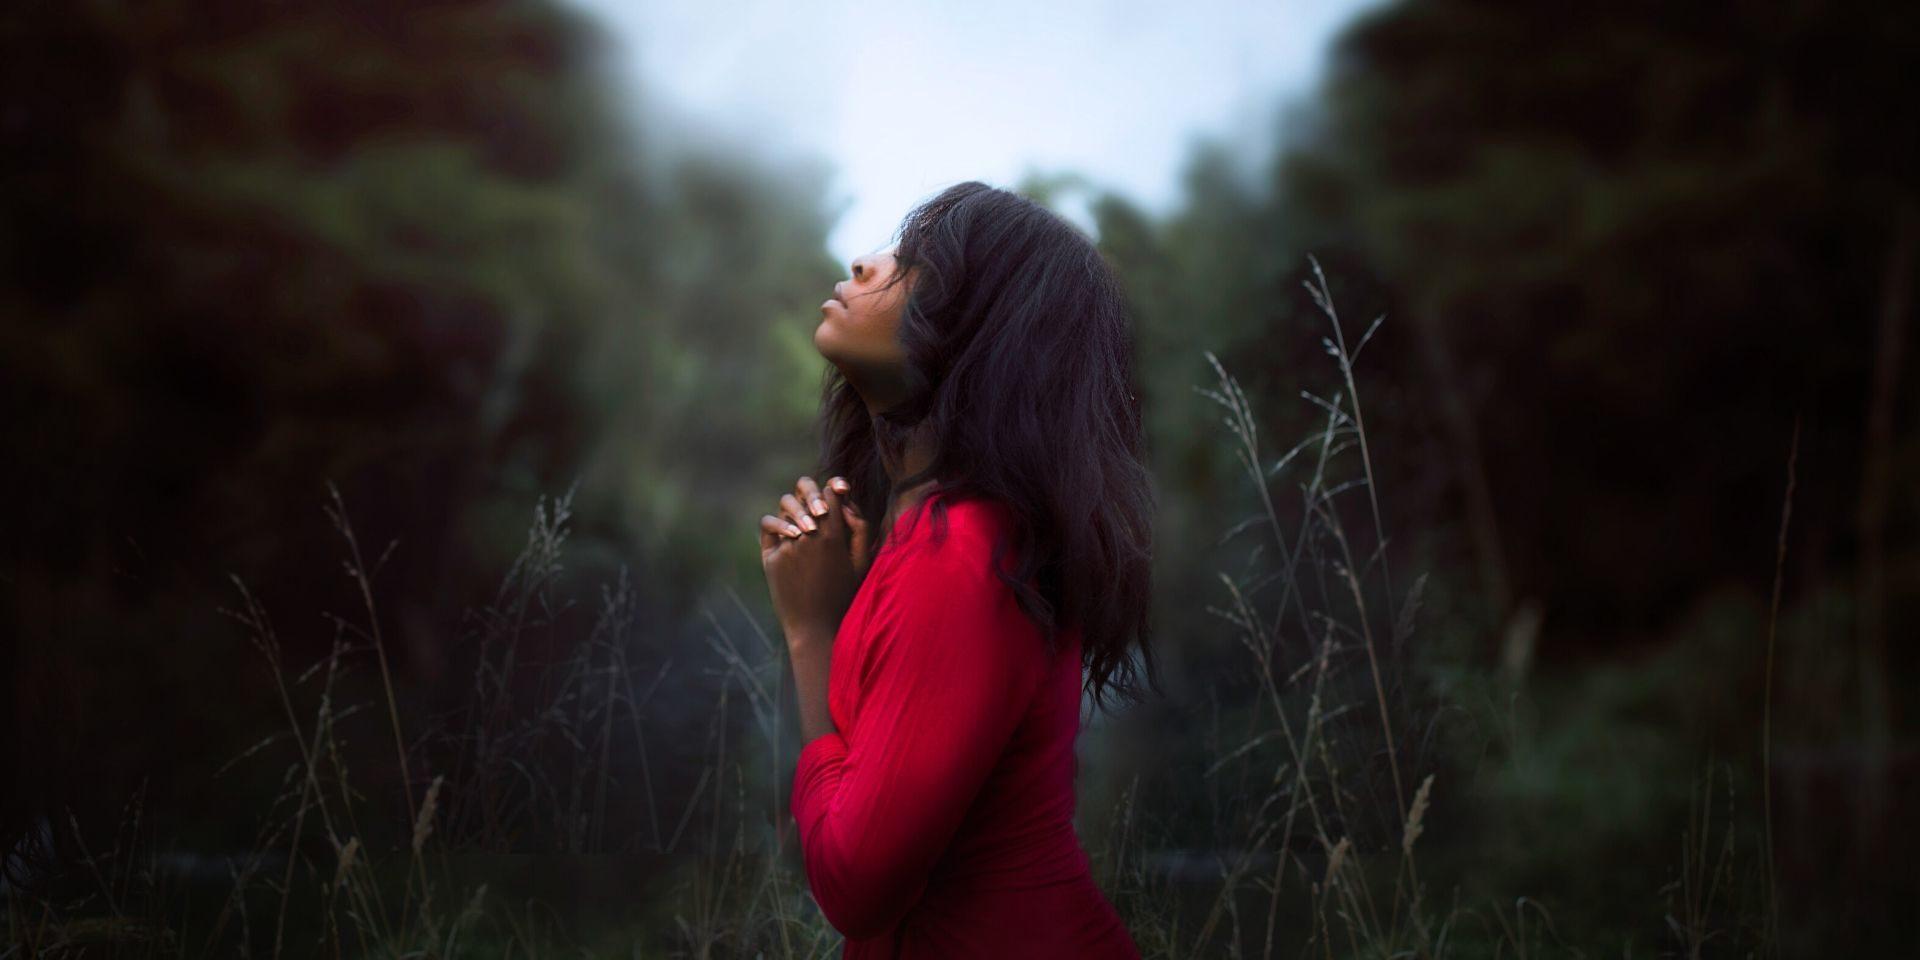 Girl praying towards heaven